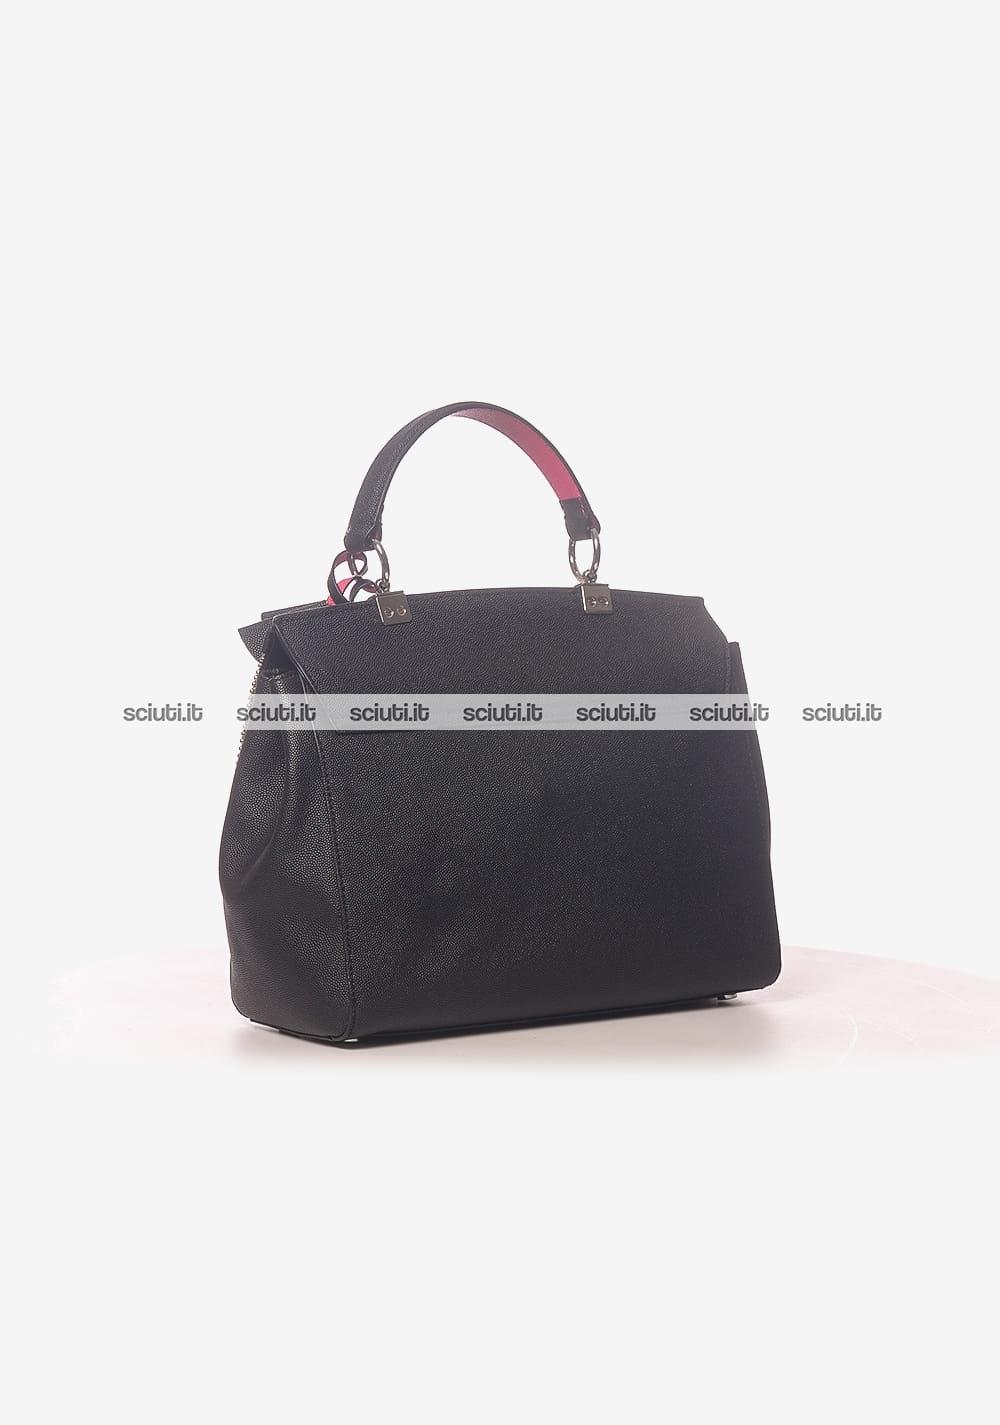 5cfe92abb9 Borsa a mano Guess Luxe donna Glory in pelle nero | Sciuti.it